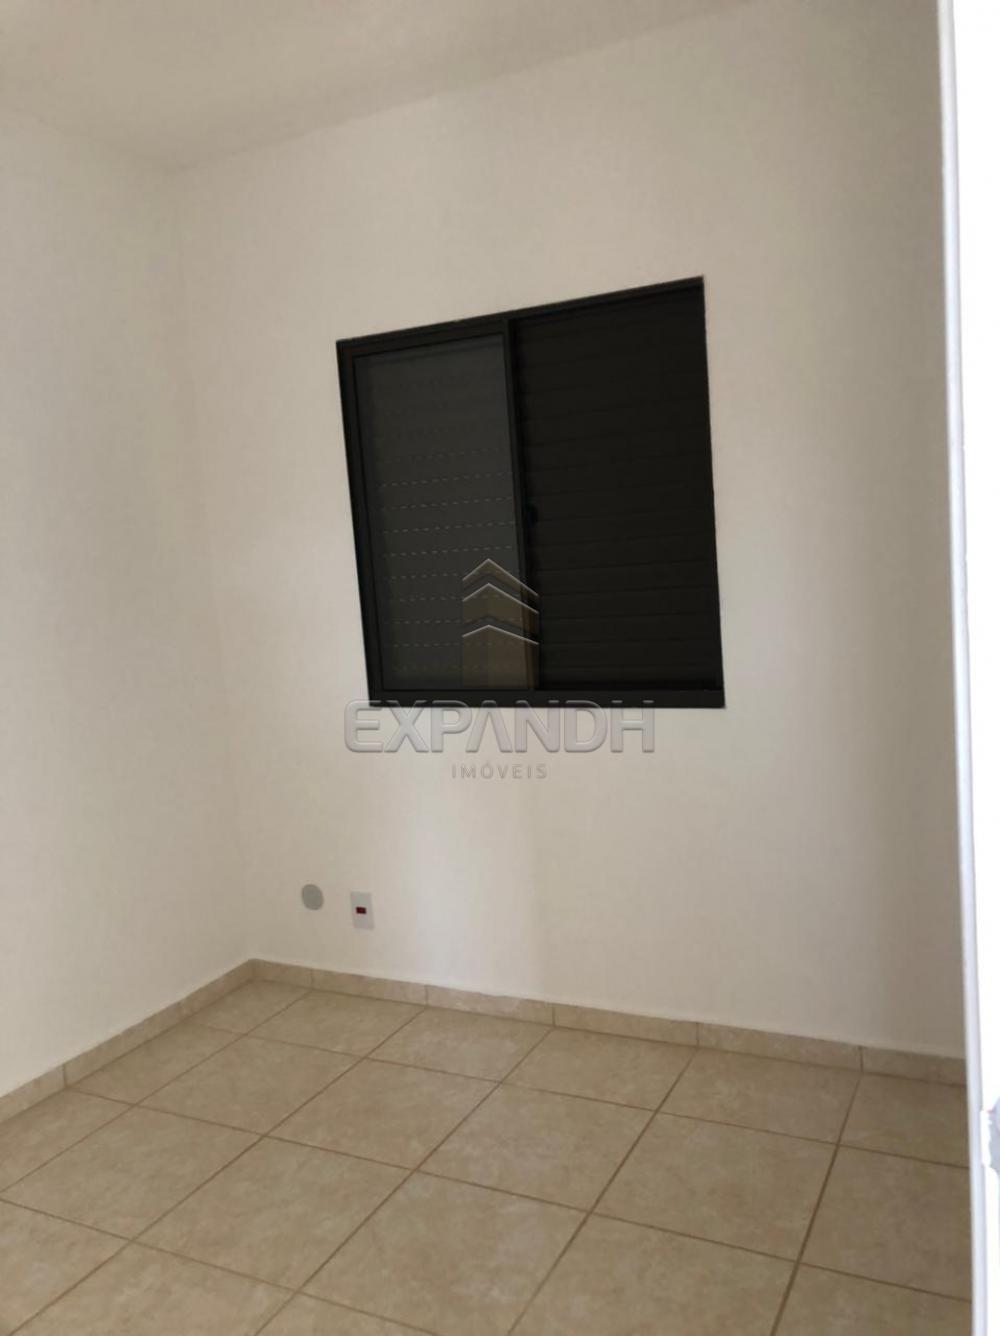 Alugar Casas / Padrão em Sertãozinho R$ 850,00 - Foto 10